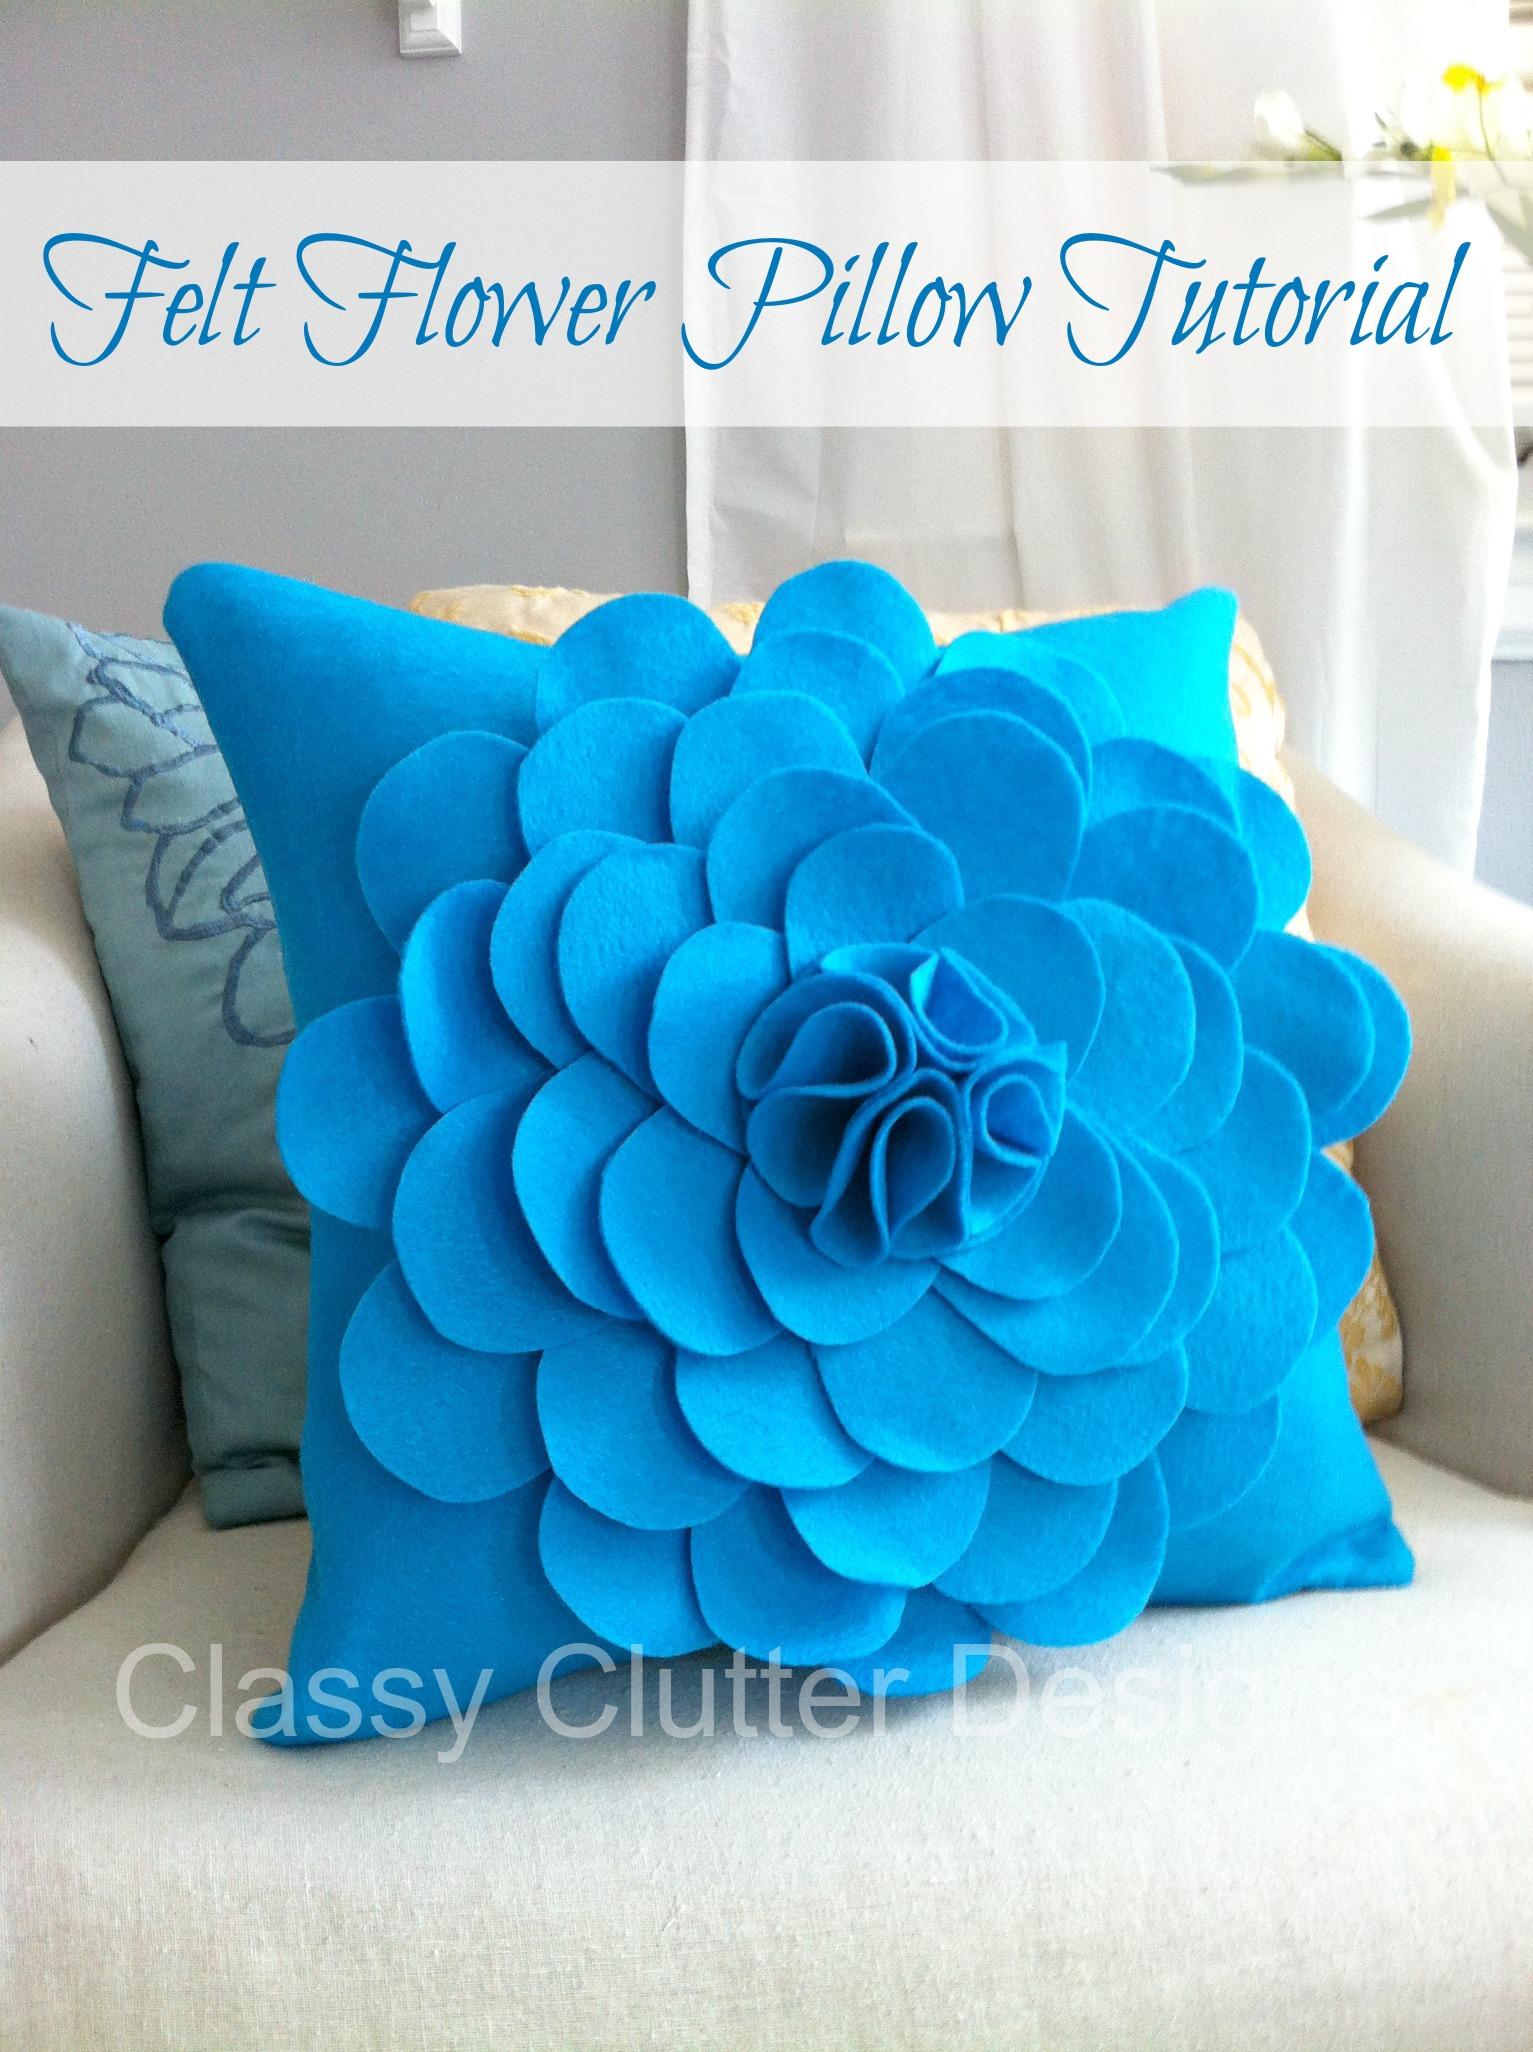 How to make a Felt Flower Pillow